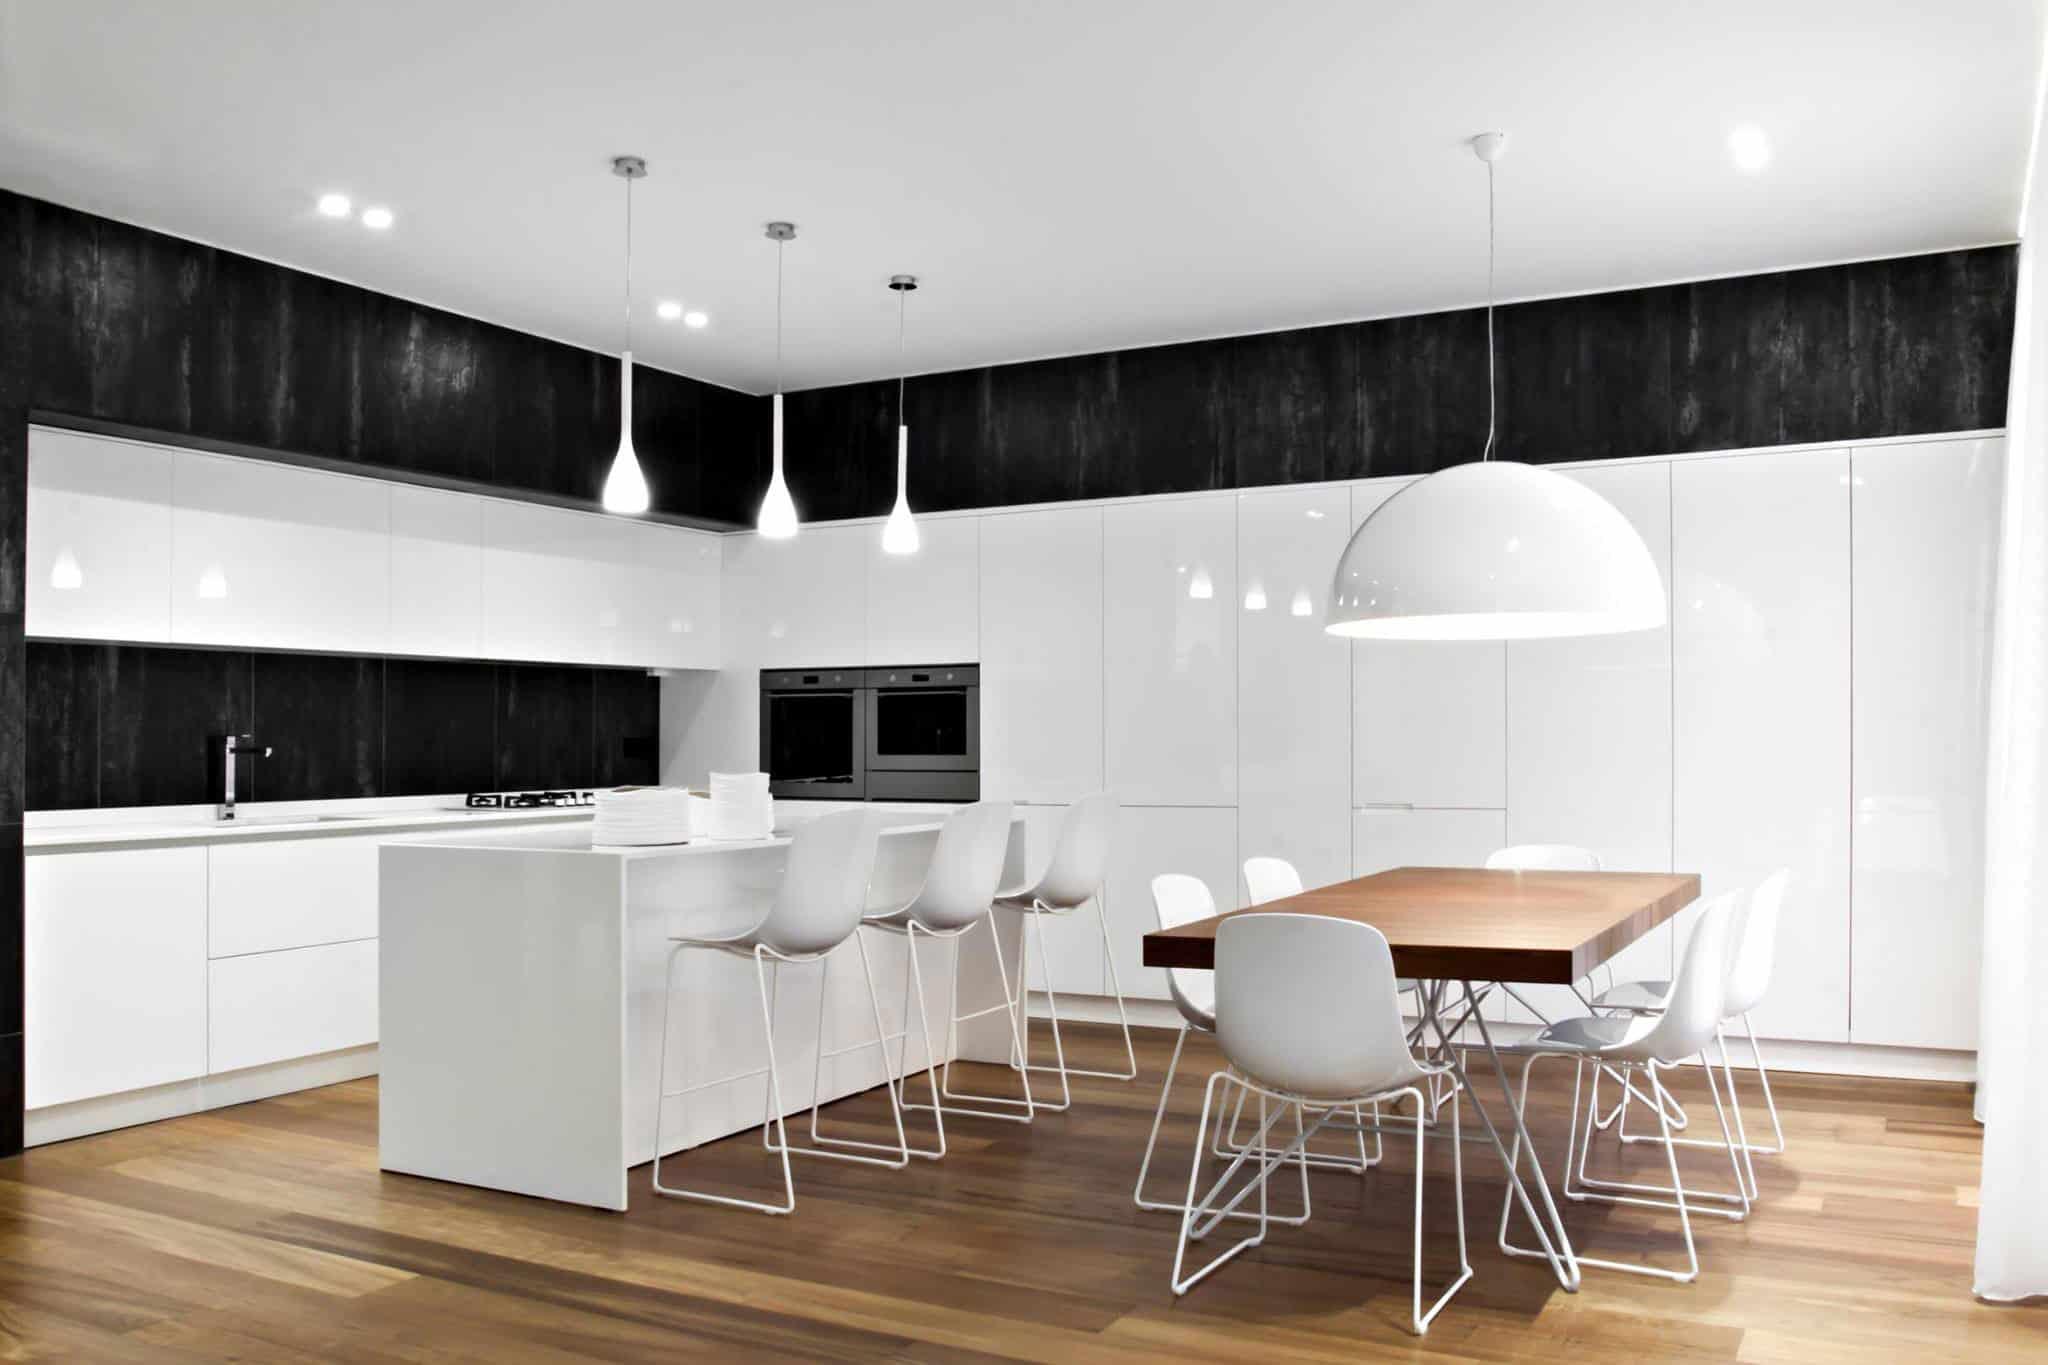 Architettura And Design m12 architettura design creates an elegant apartment in